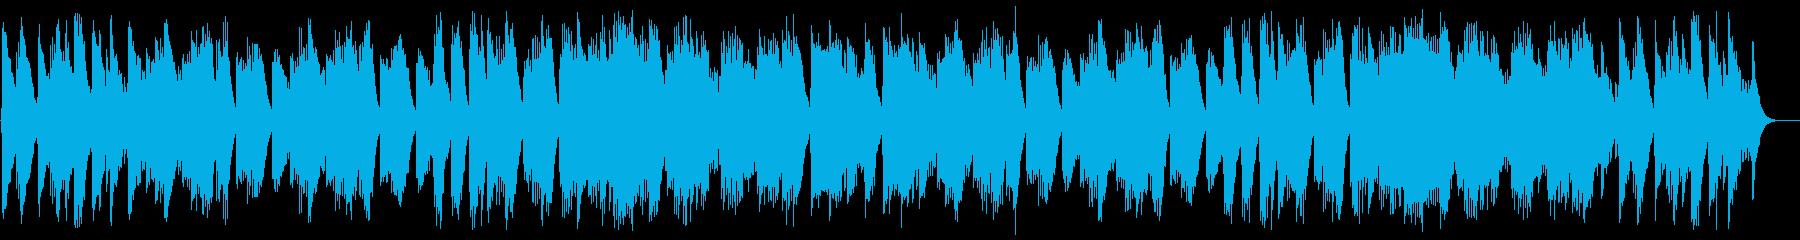 優しいオルゴールのスウィートな曲の再生済みの波形